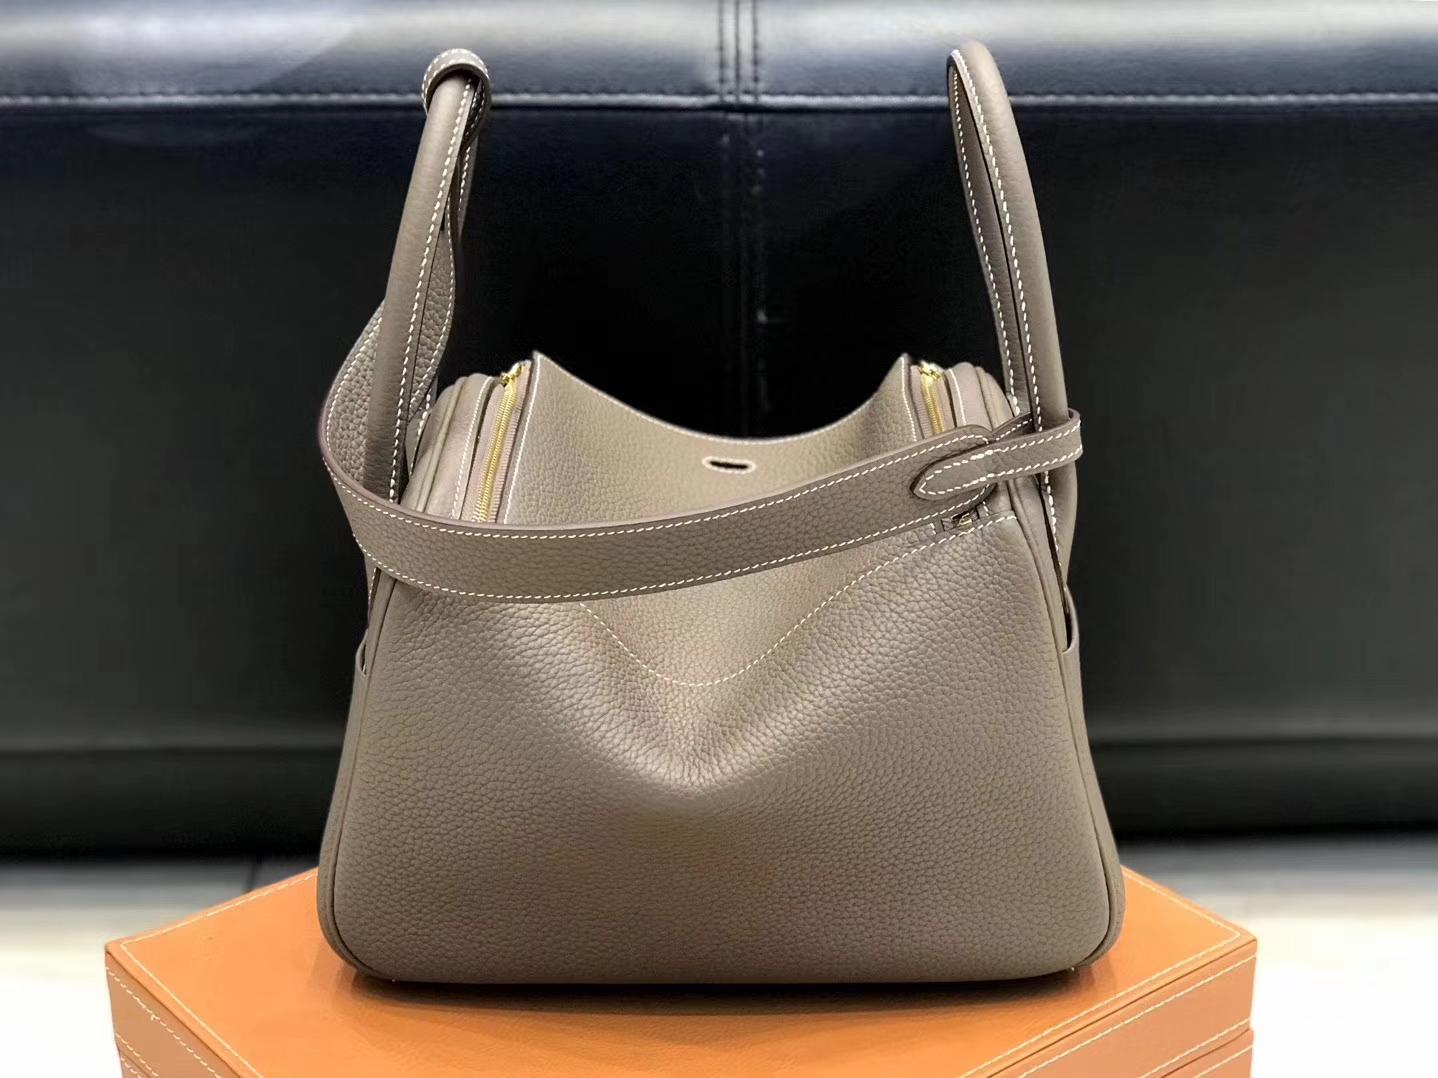 Hermès(爱马仕)Lindy琳迪包 大象灰 德国进口togo牛皮 蜡线全手工缝制 26cm